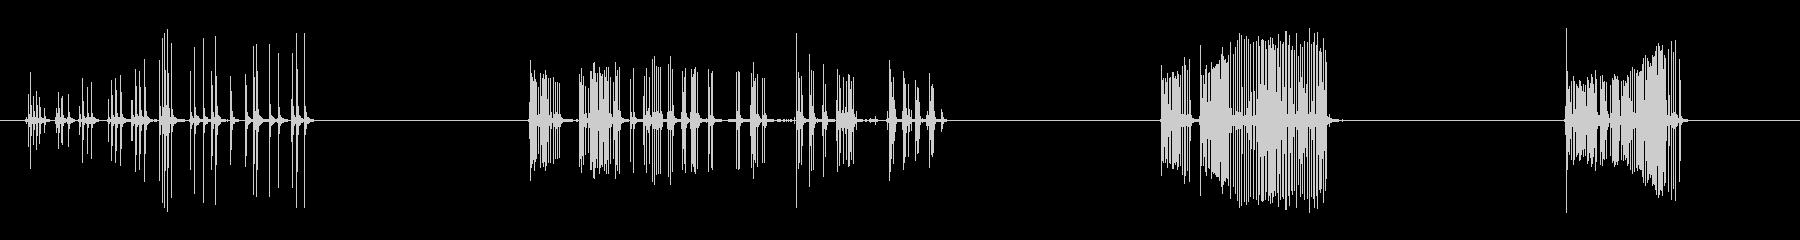 スキンストレッチ、摩擦ヘビーx4の未再生の波形